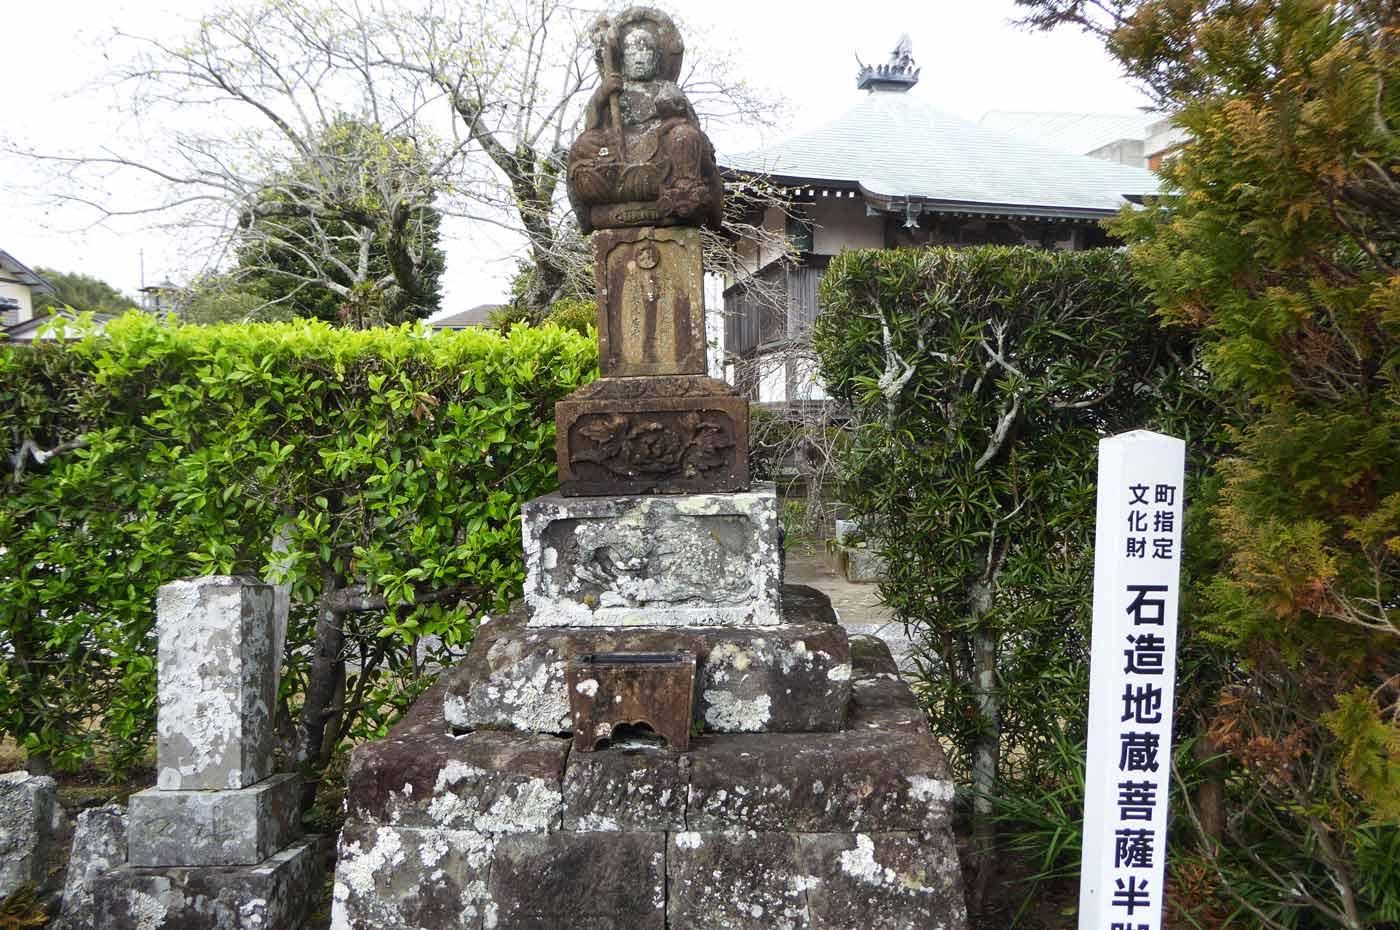 石造地蔵菩薩半跏像の画像